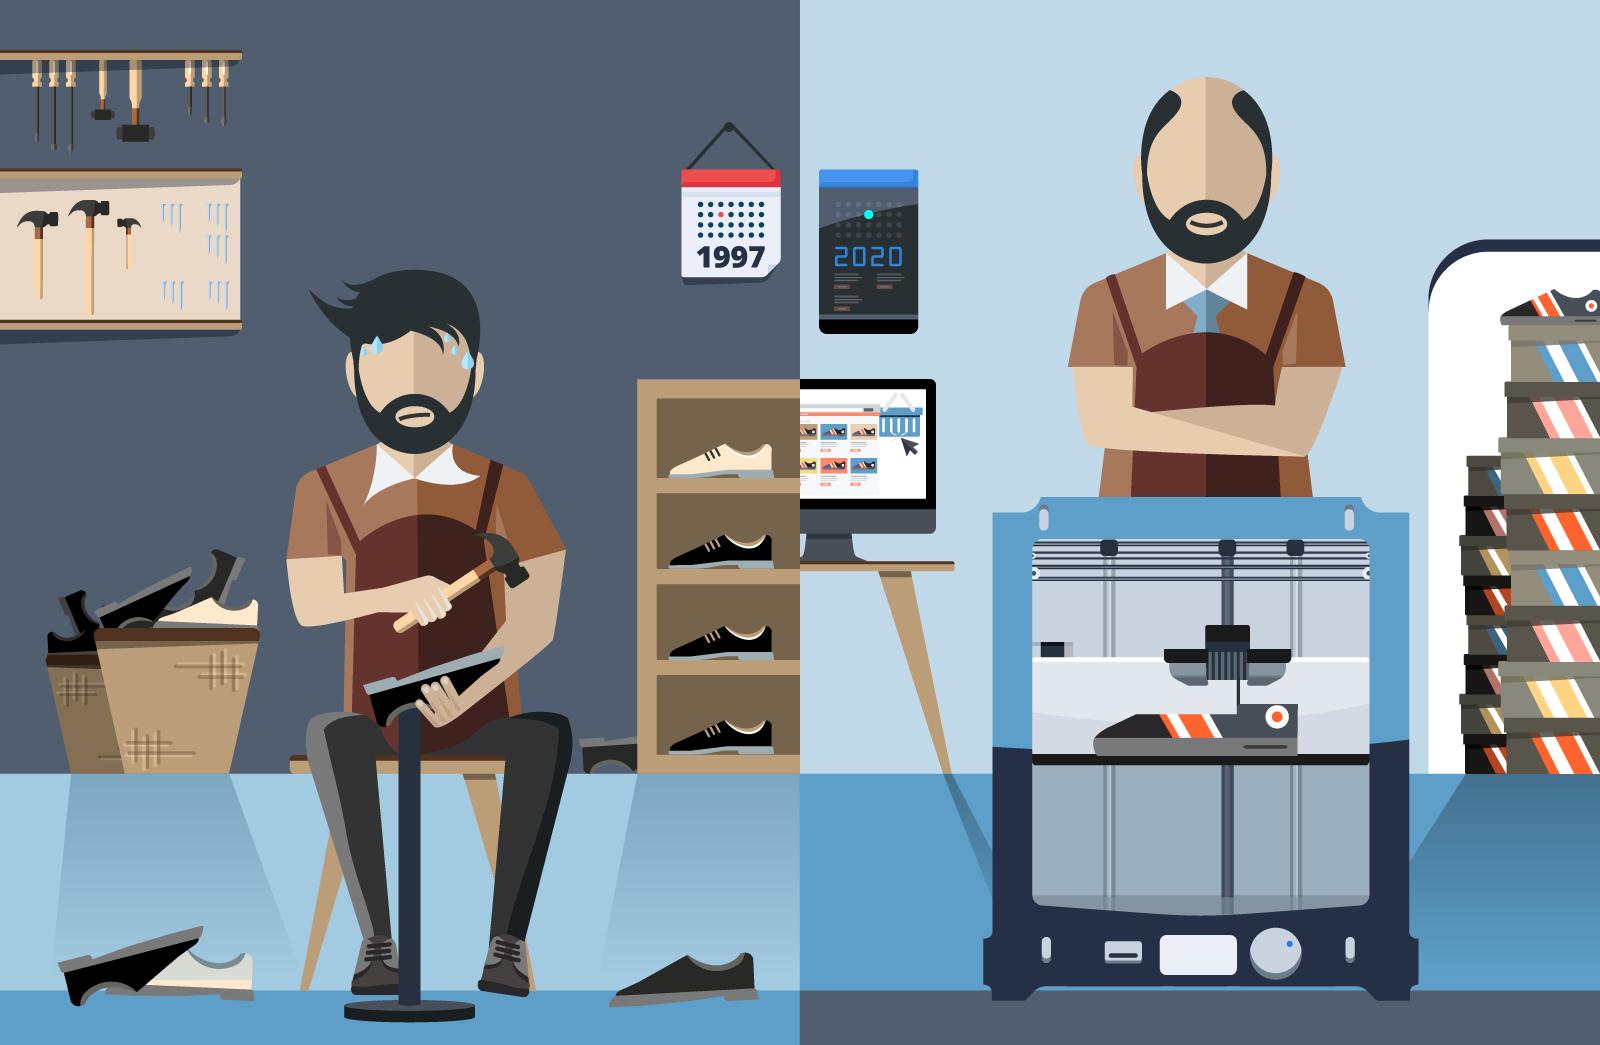 Sogar ein Schuster kann sein Unternehmen digitalisieren